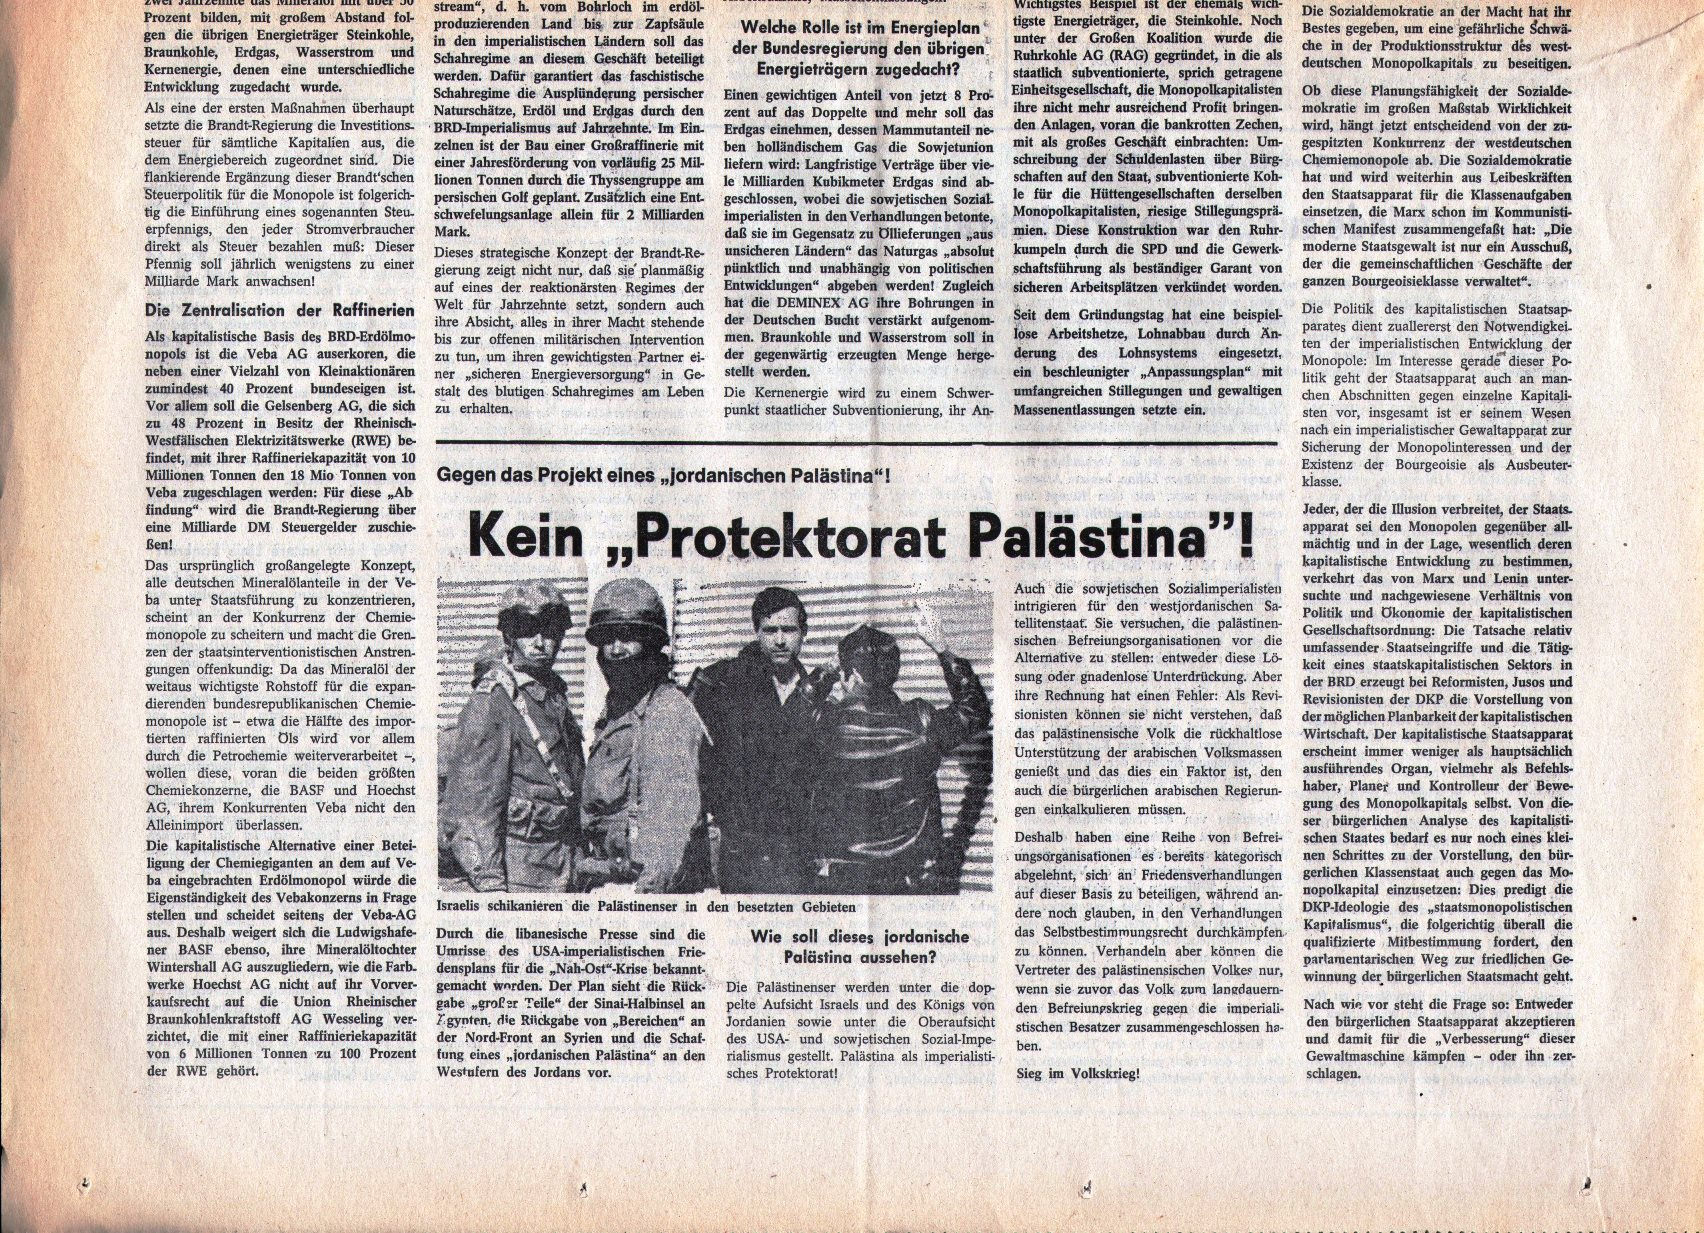 KPD_Rote_Fahne_1973_45_16